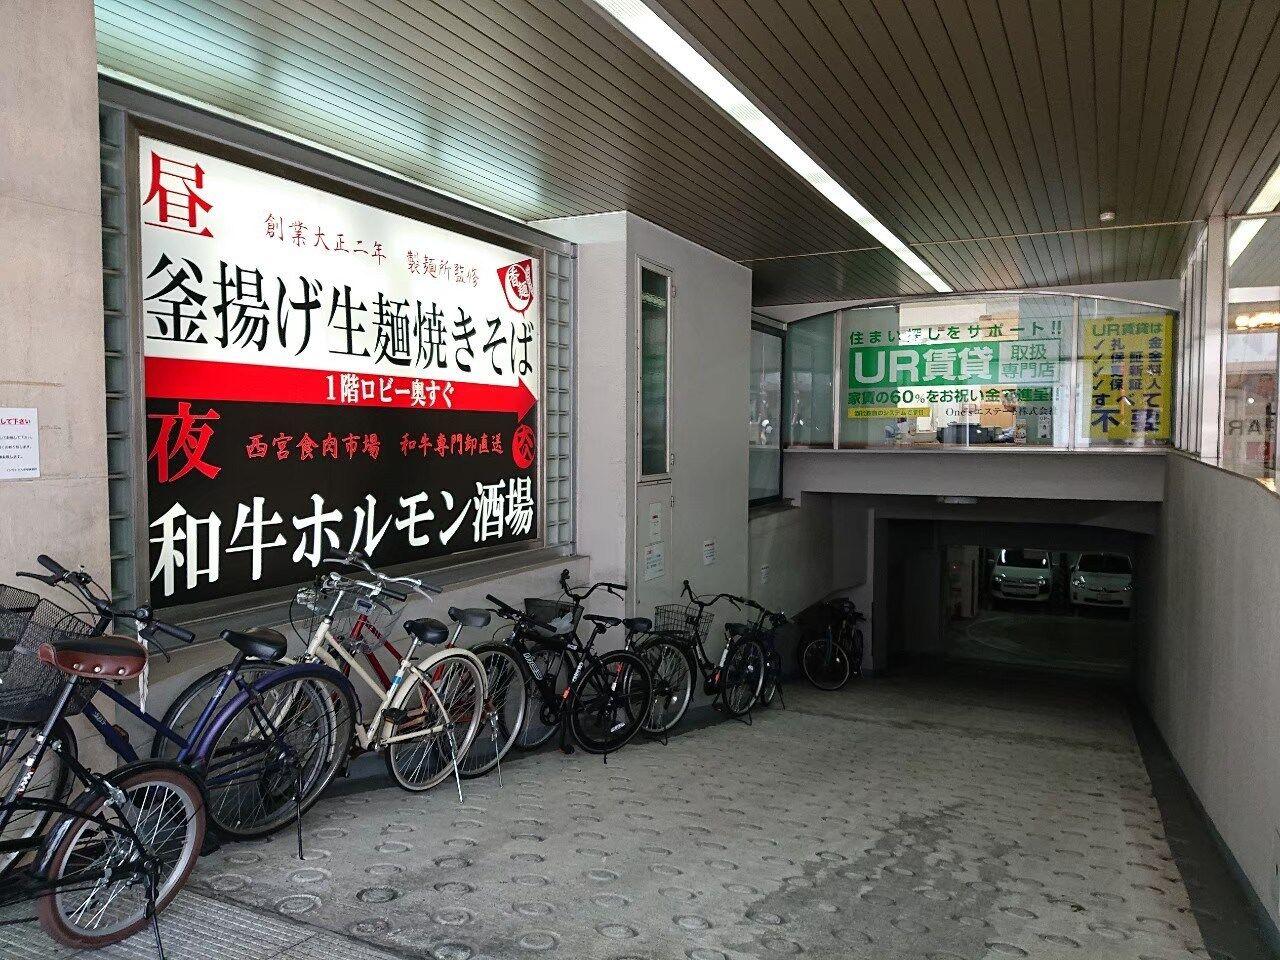 『月光香麺』北浜-ランチにおすすめ!麺がモチモチの「ホルモン焼きそば」が美味しいお店!-